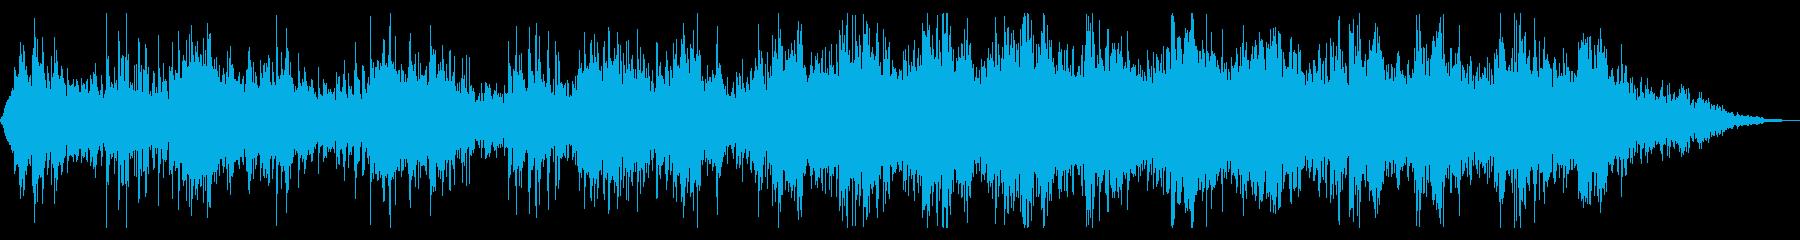 ダーク 不穏 暗い雰囲気の再生済みの波形